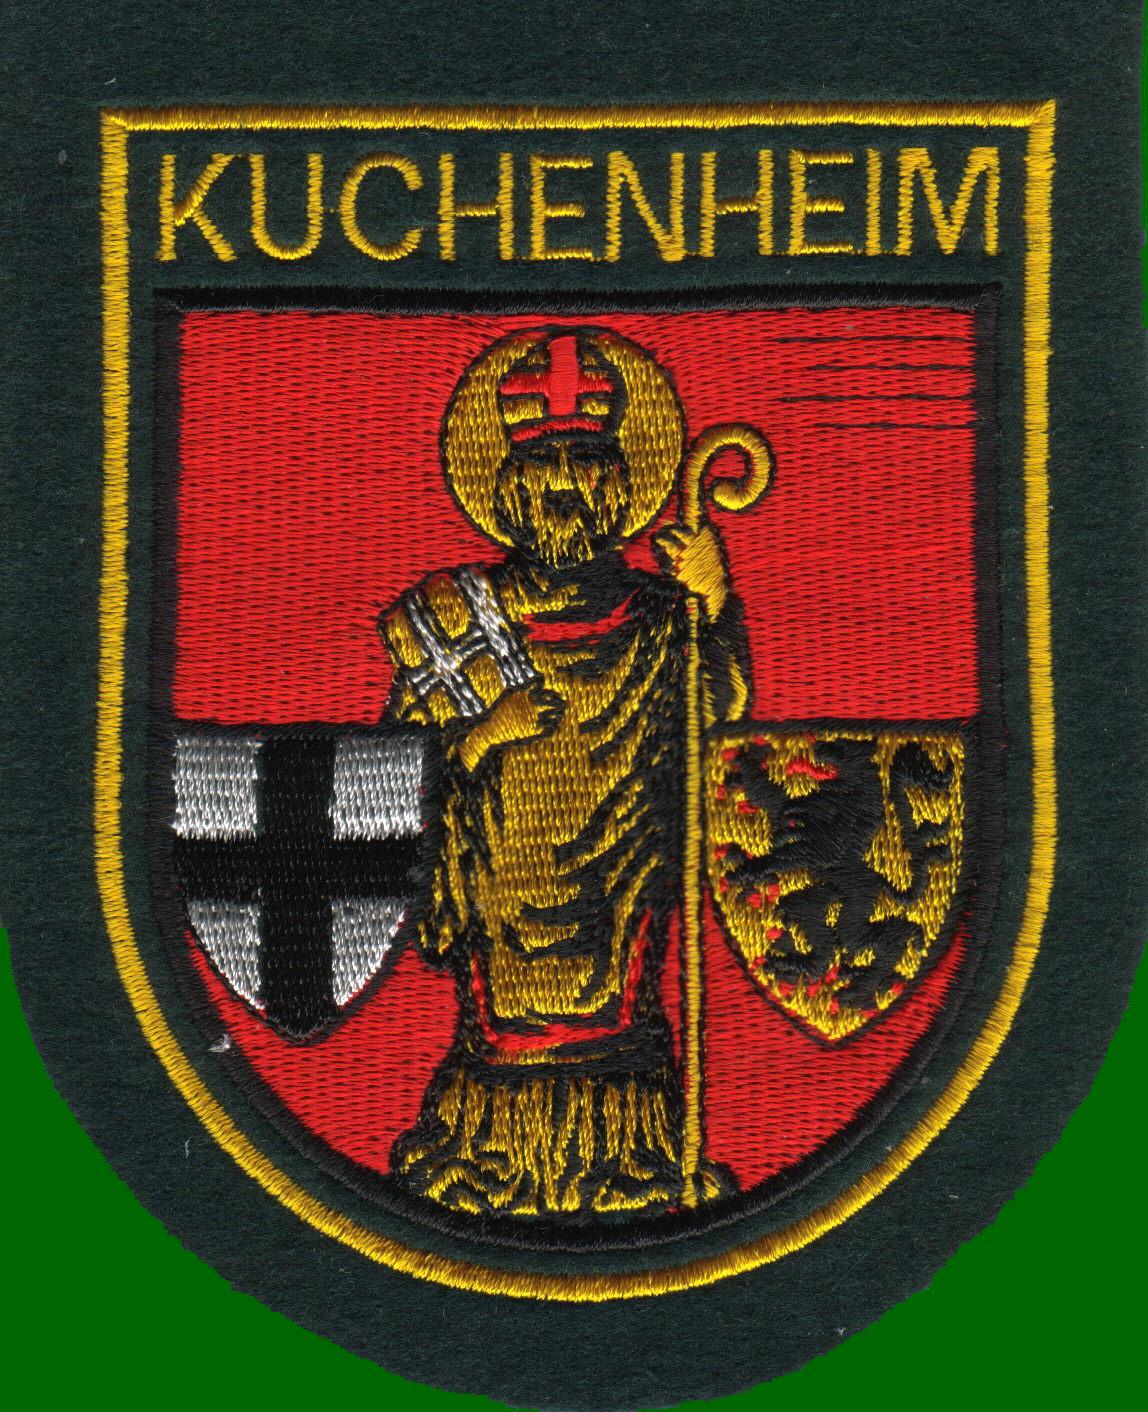 St. Seb. Schtzenbruderschaft Kuchenheim e. V.